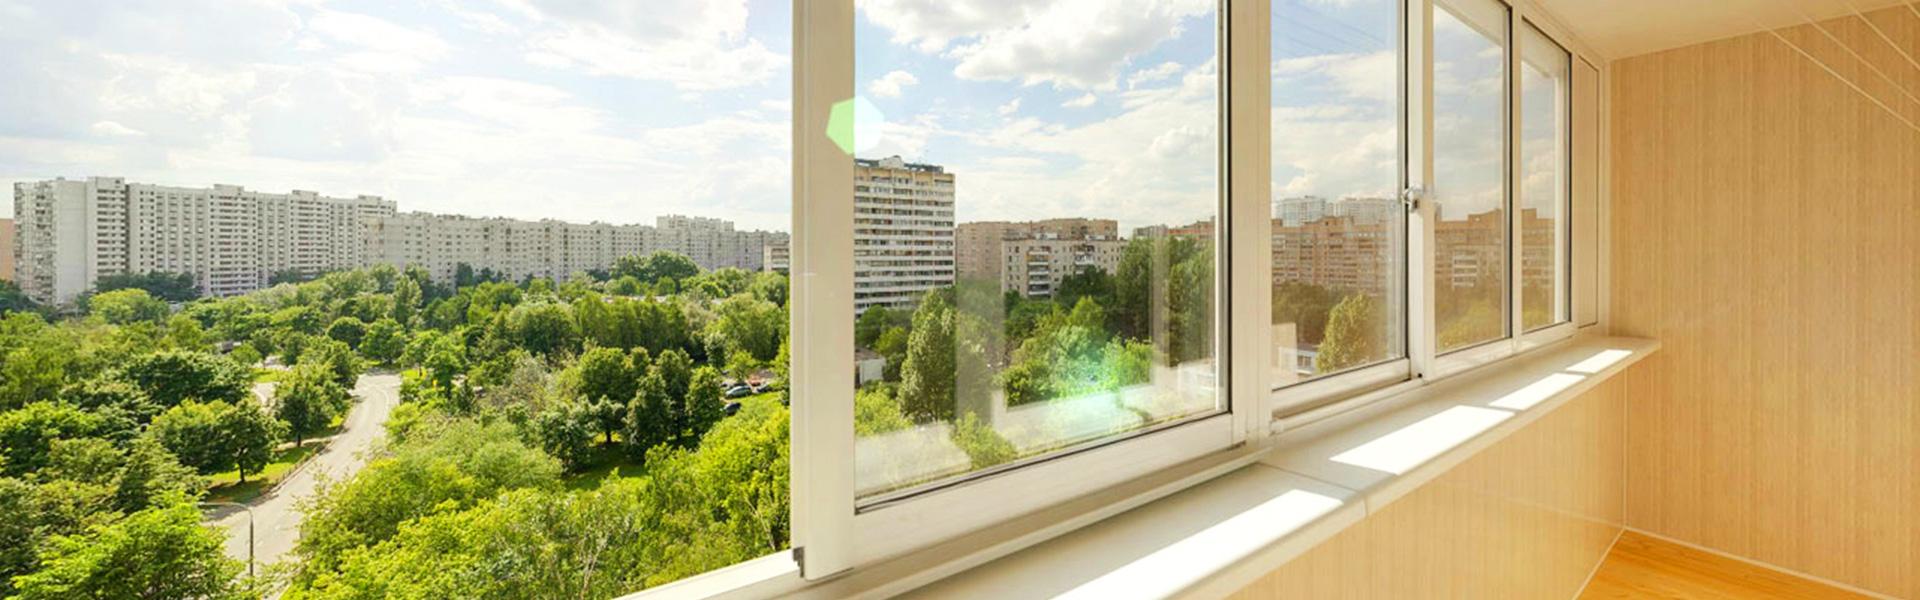 Пластиковые балконы фон записи